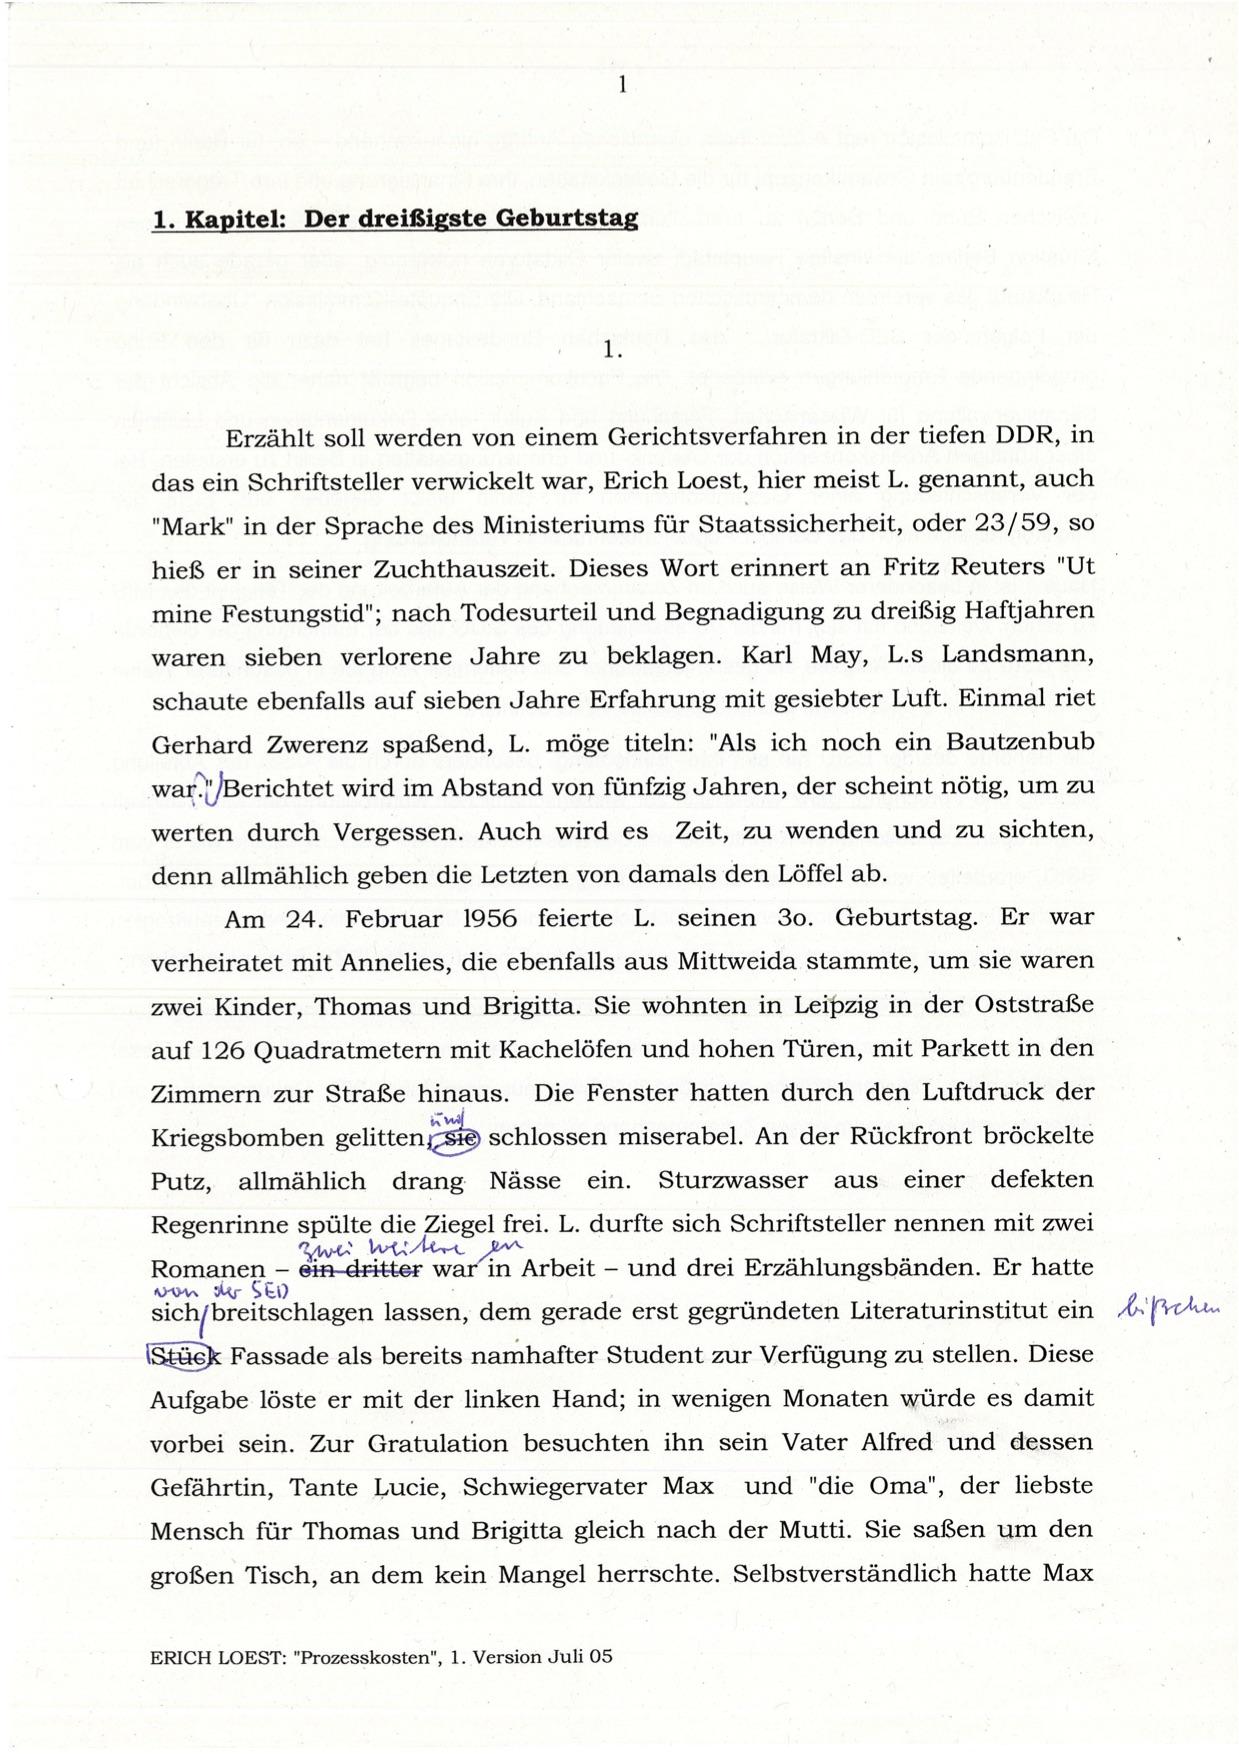 """Handschriftlich überarbeitete Typoskripte für Buch """"Prozesskosten"""", 2005"""